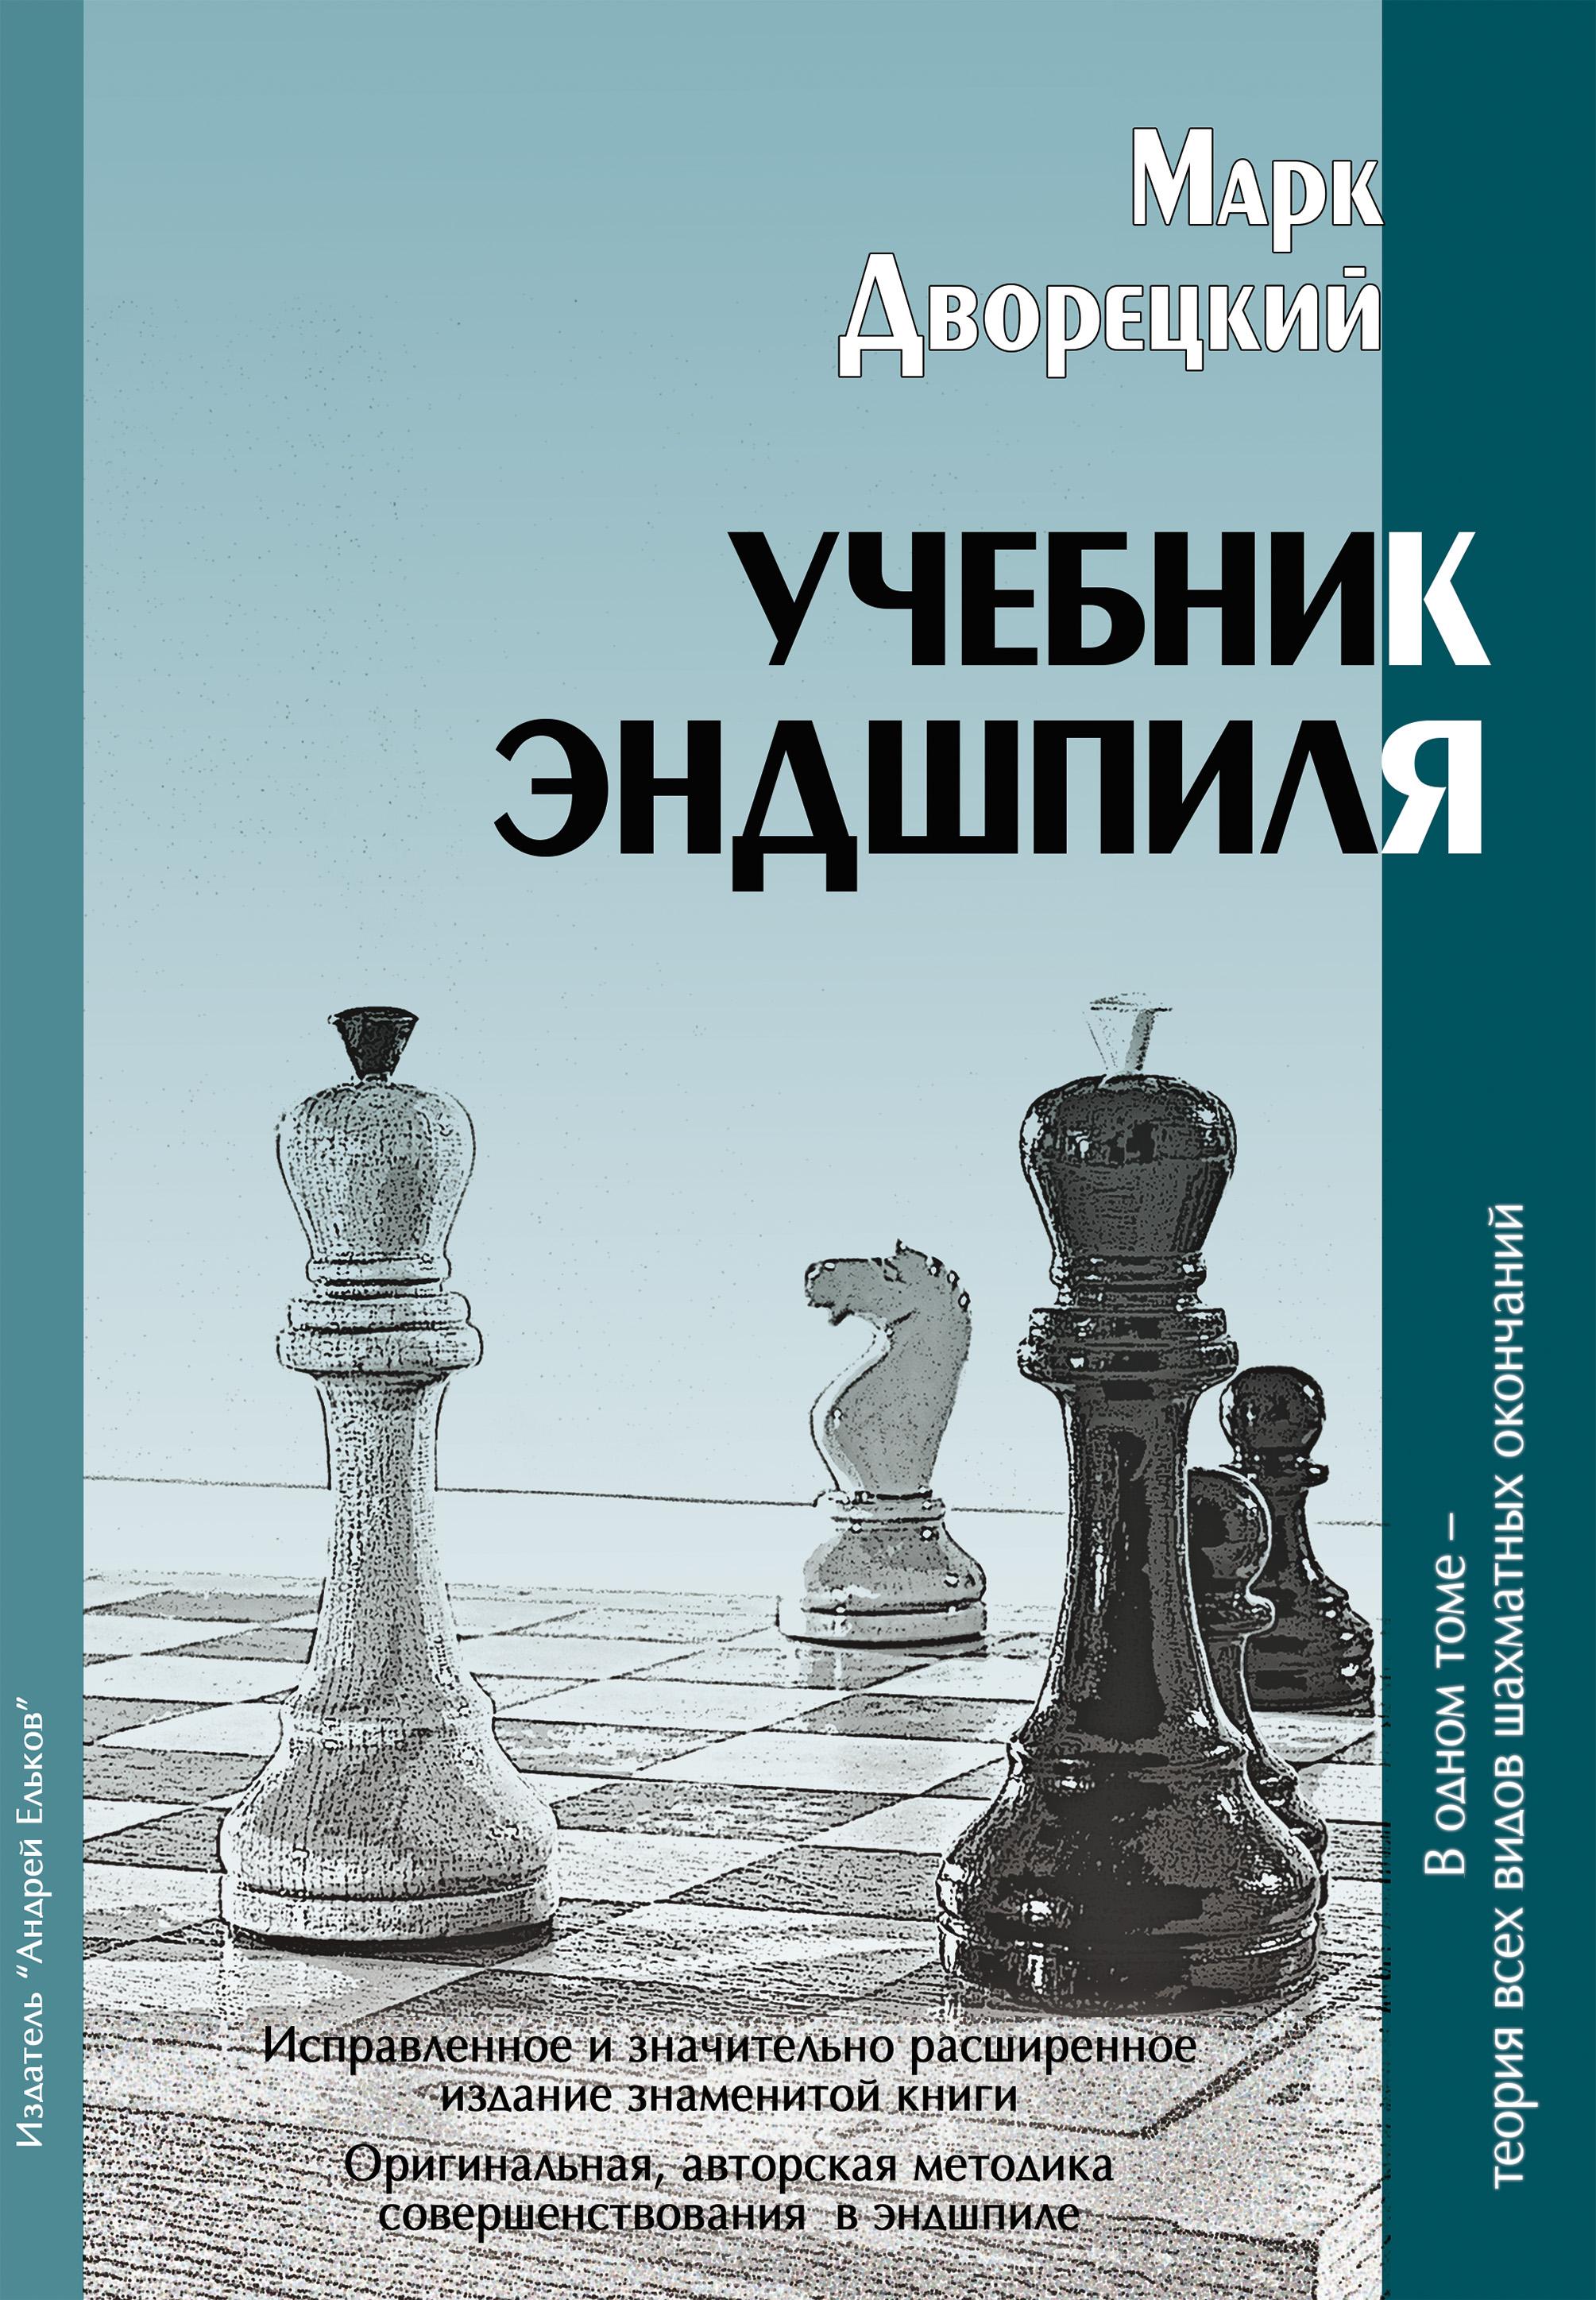 Учебник эндшпиля